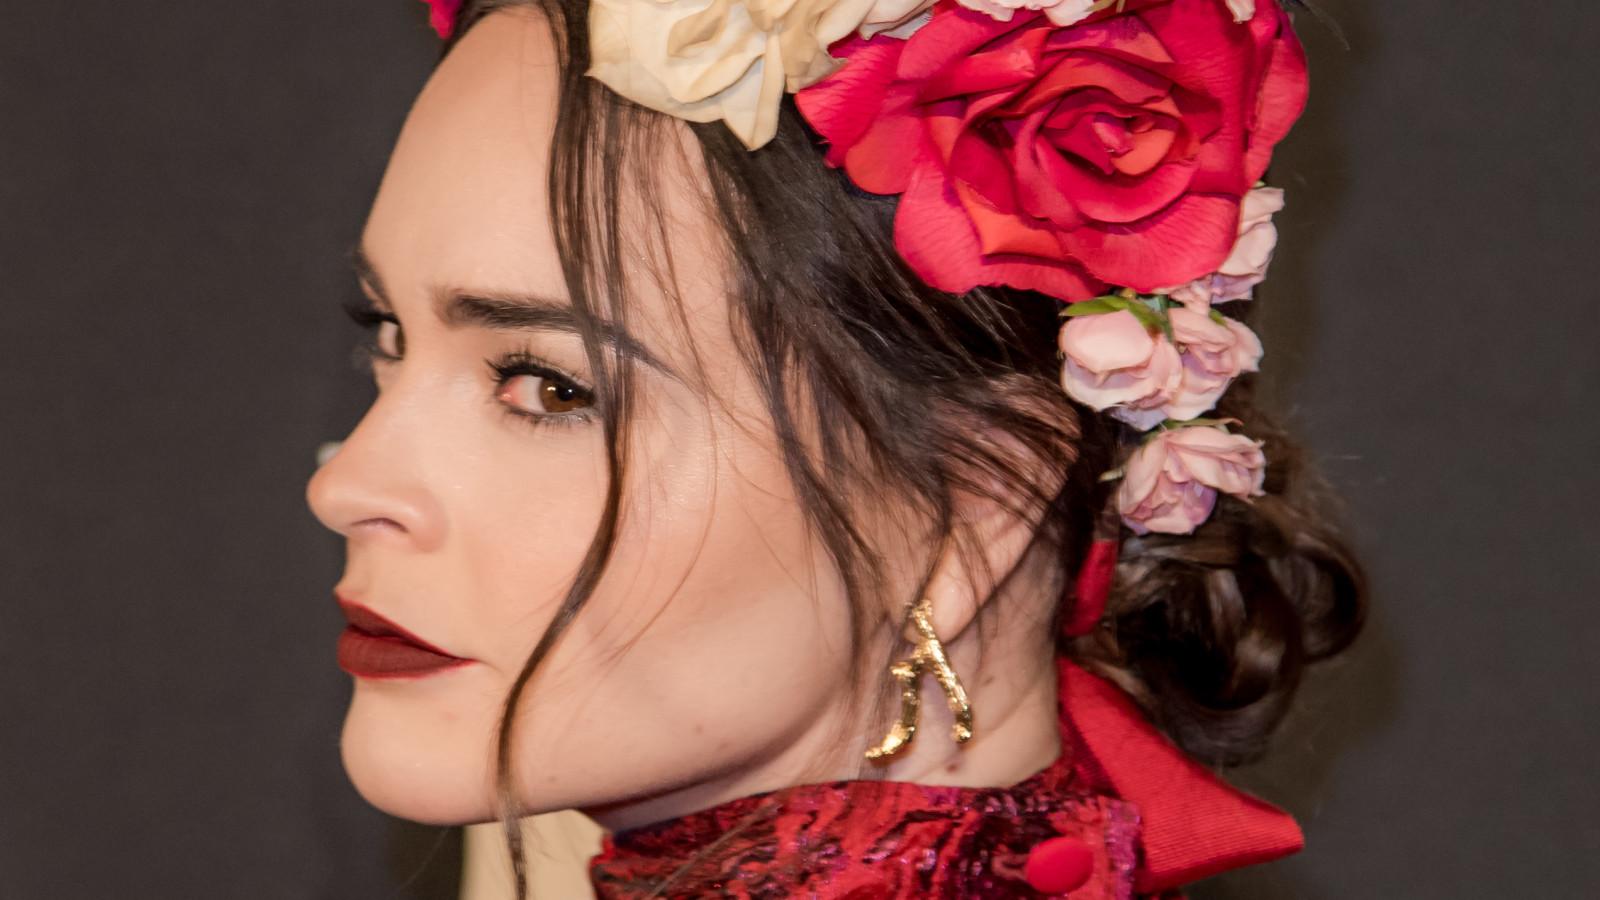 Fabiola Guarjardo 5 (1) - Enrique SanchezArmas (1) - Mexico - Vogue Day of the Dead